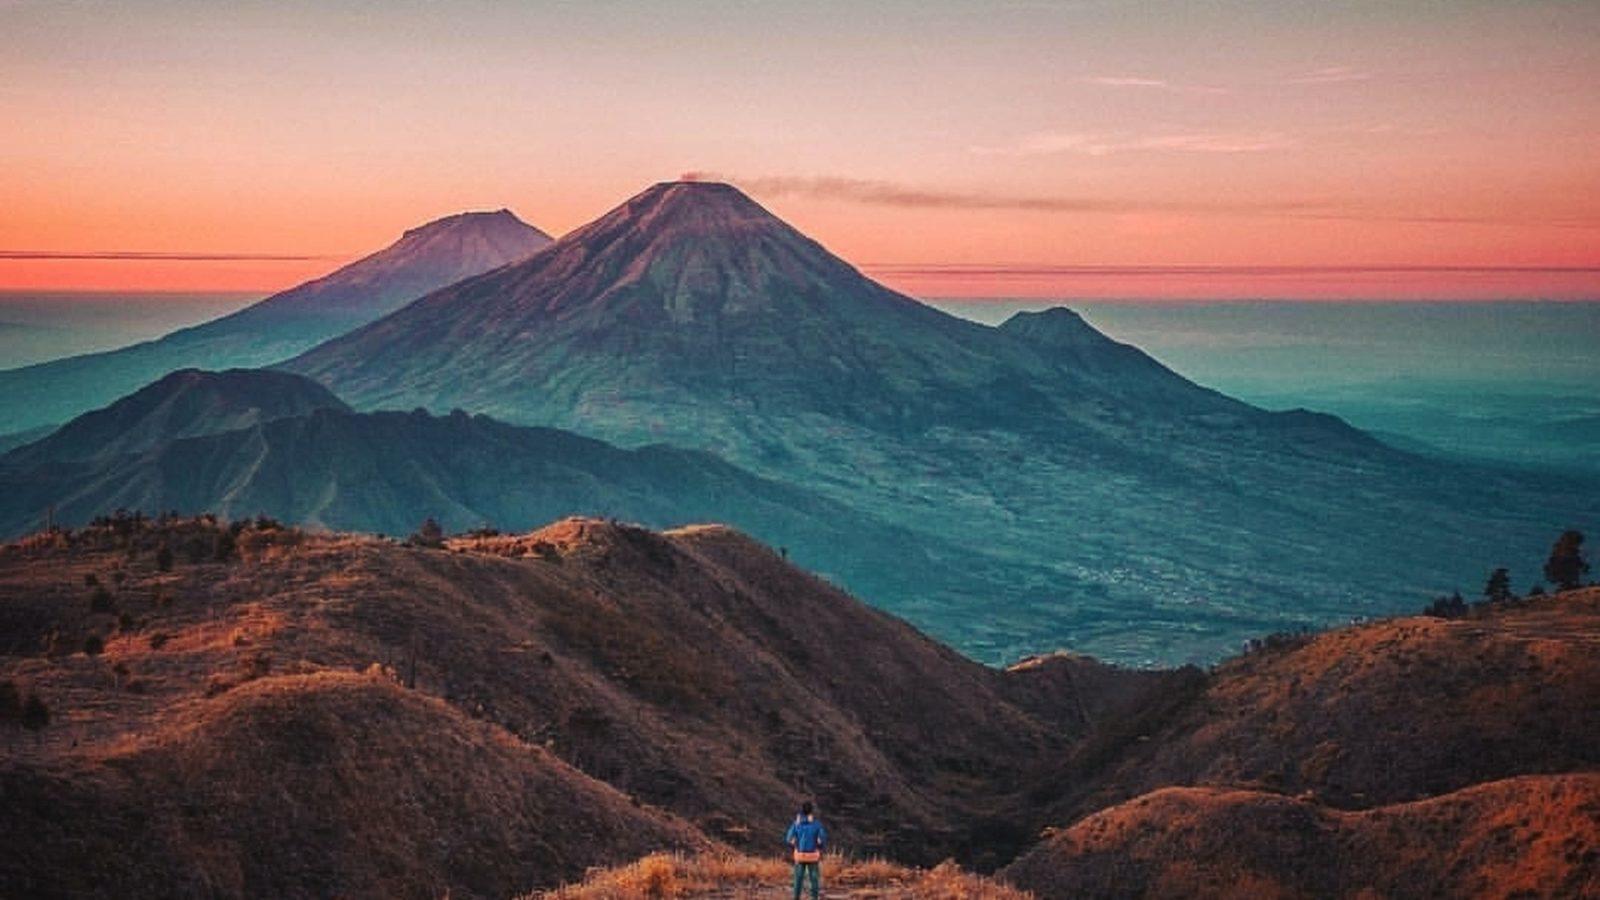 Dataran Tinggi Dieng Tiket & Area Wisata November 2020 - TravelsPromo